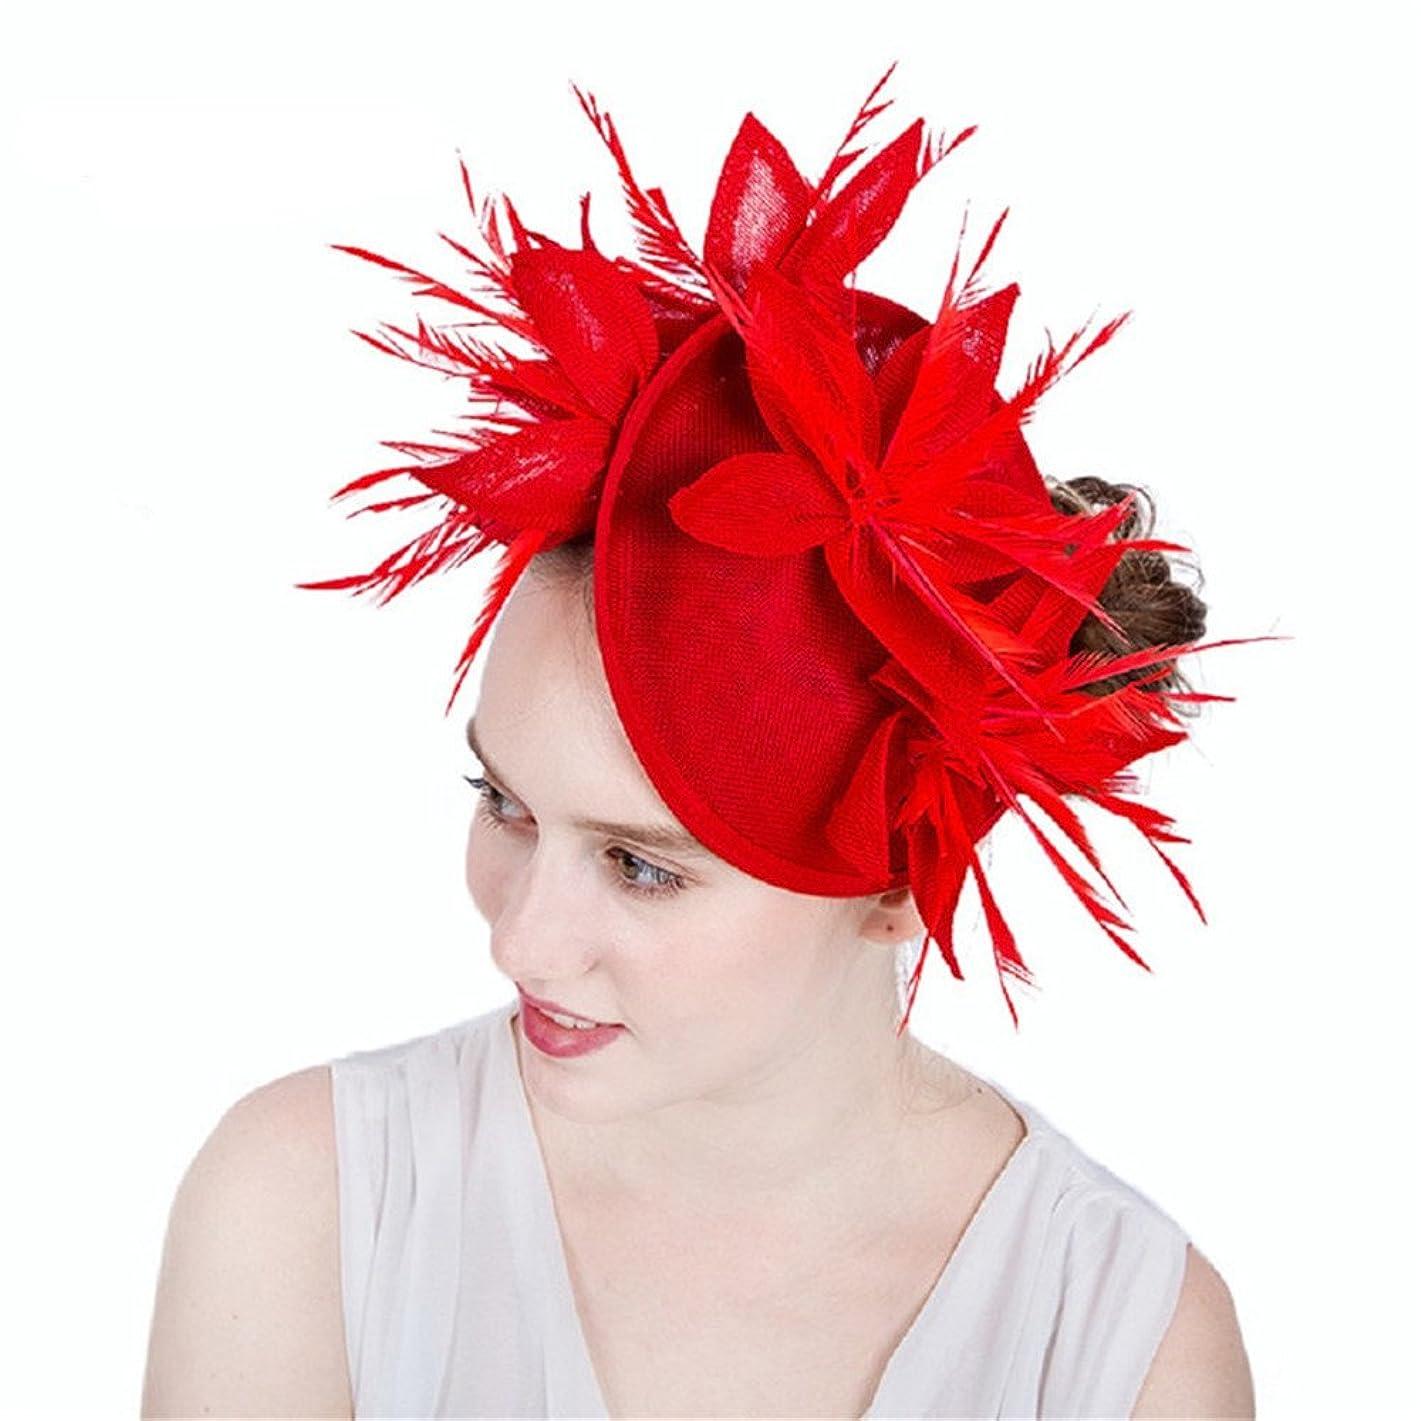 エンドウ徐々に蒸発する女性の魅力的な帽子 女性の女性Sinamay魅惑的な帽子カクテルティーパーティー帽子ピルボックス帽子ダービー帽子ホールド結婚式の試合ロイヤルアスコットライブパフォーマンス (色 : 濃紺)